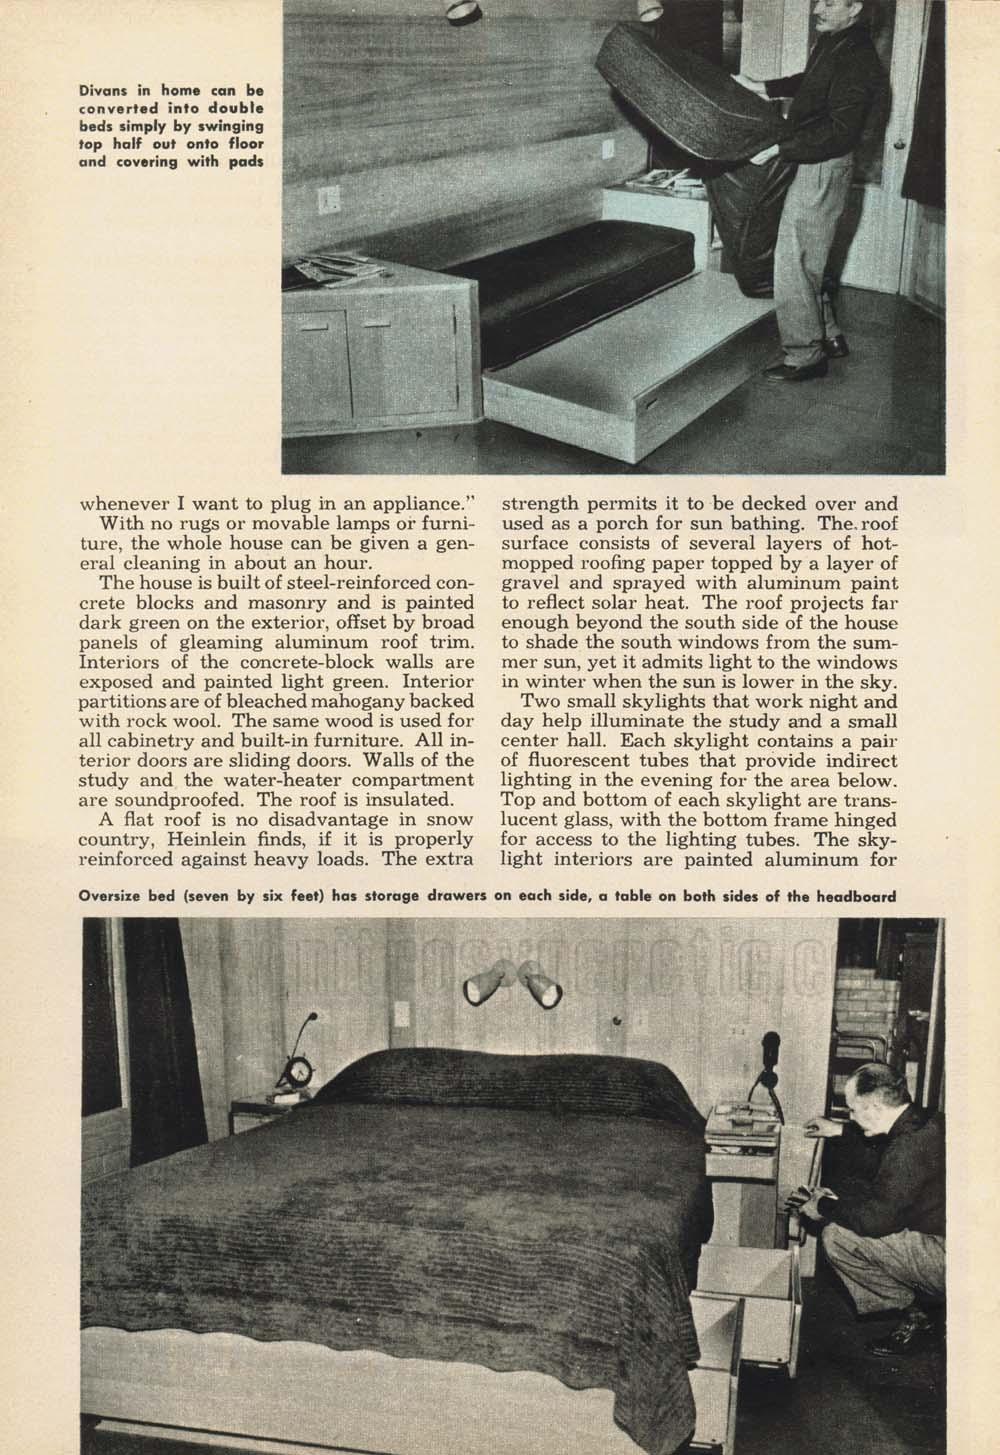 ATARI 2600 [TOPIC GENERALISTE] - Page 18 Pm652-4-hi